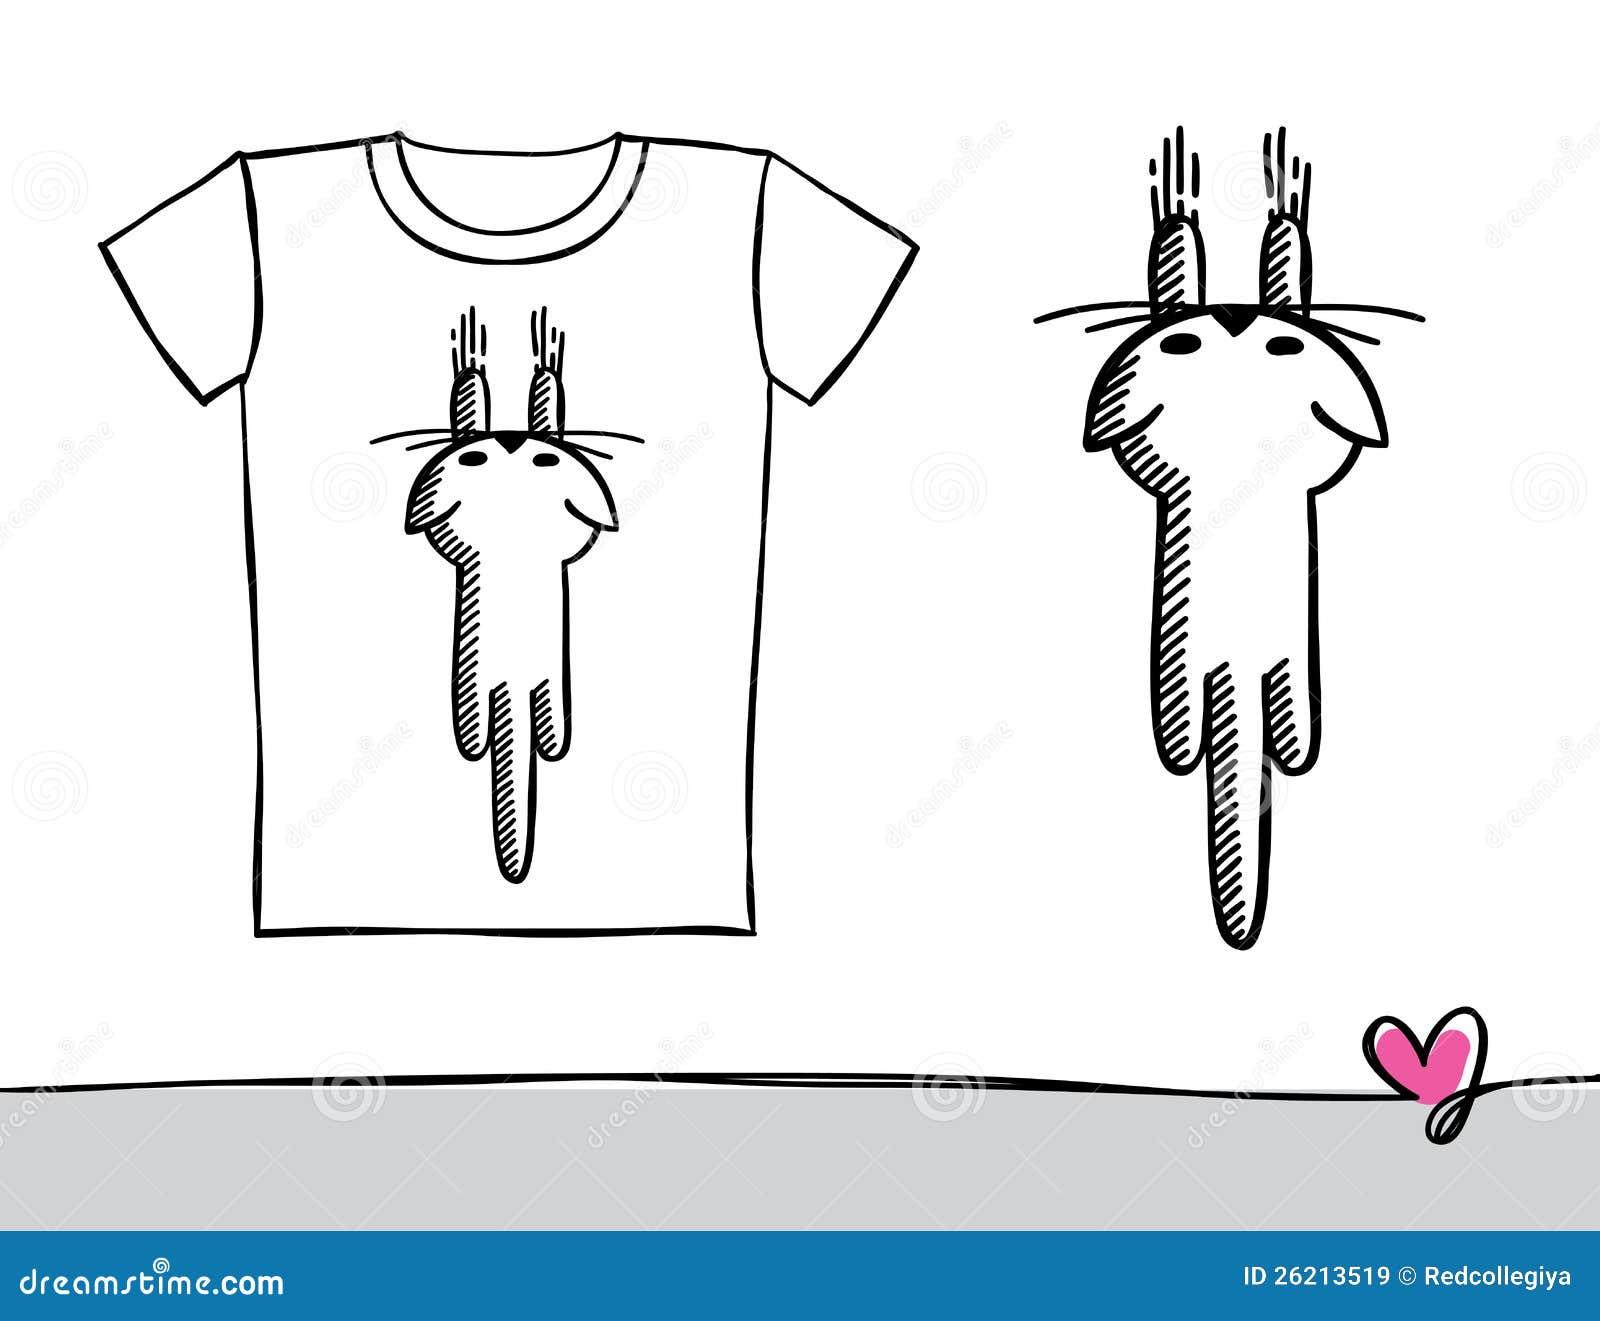 Рисунок на футболке гуашью своими руками